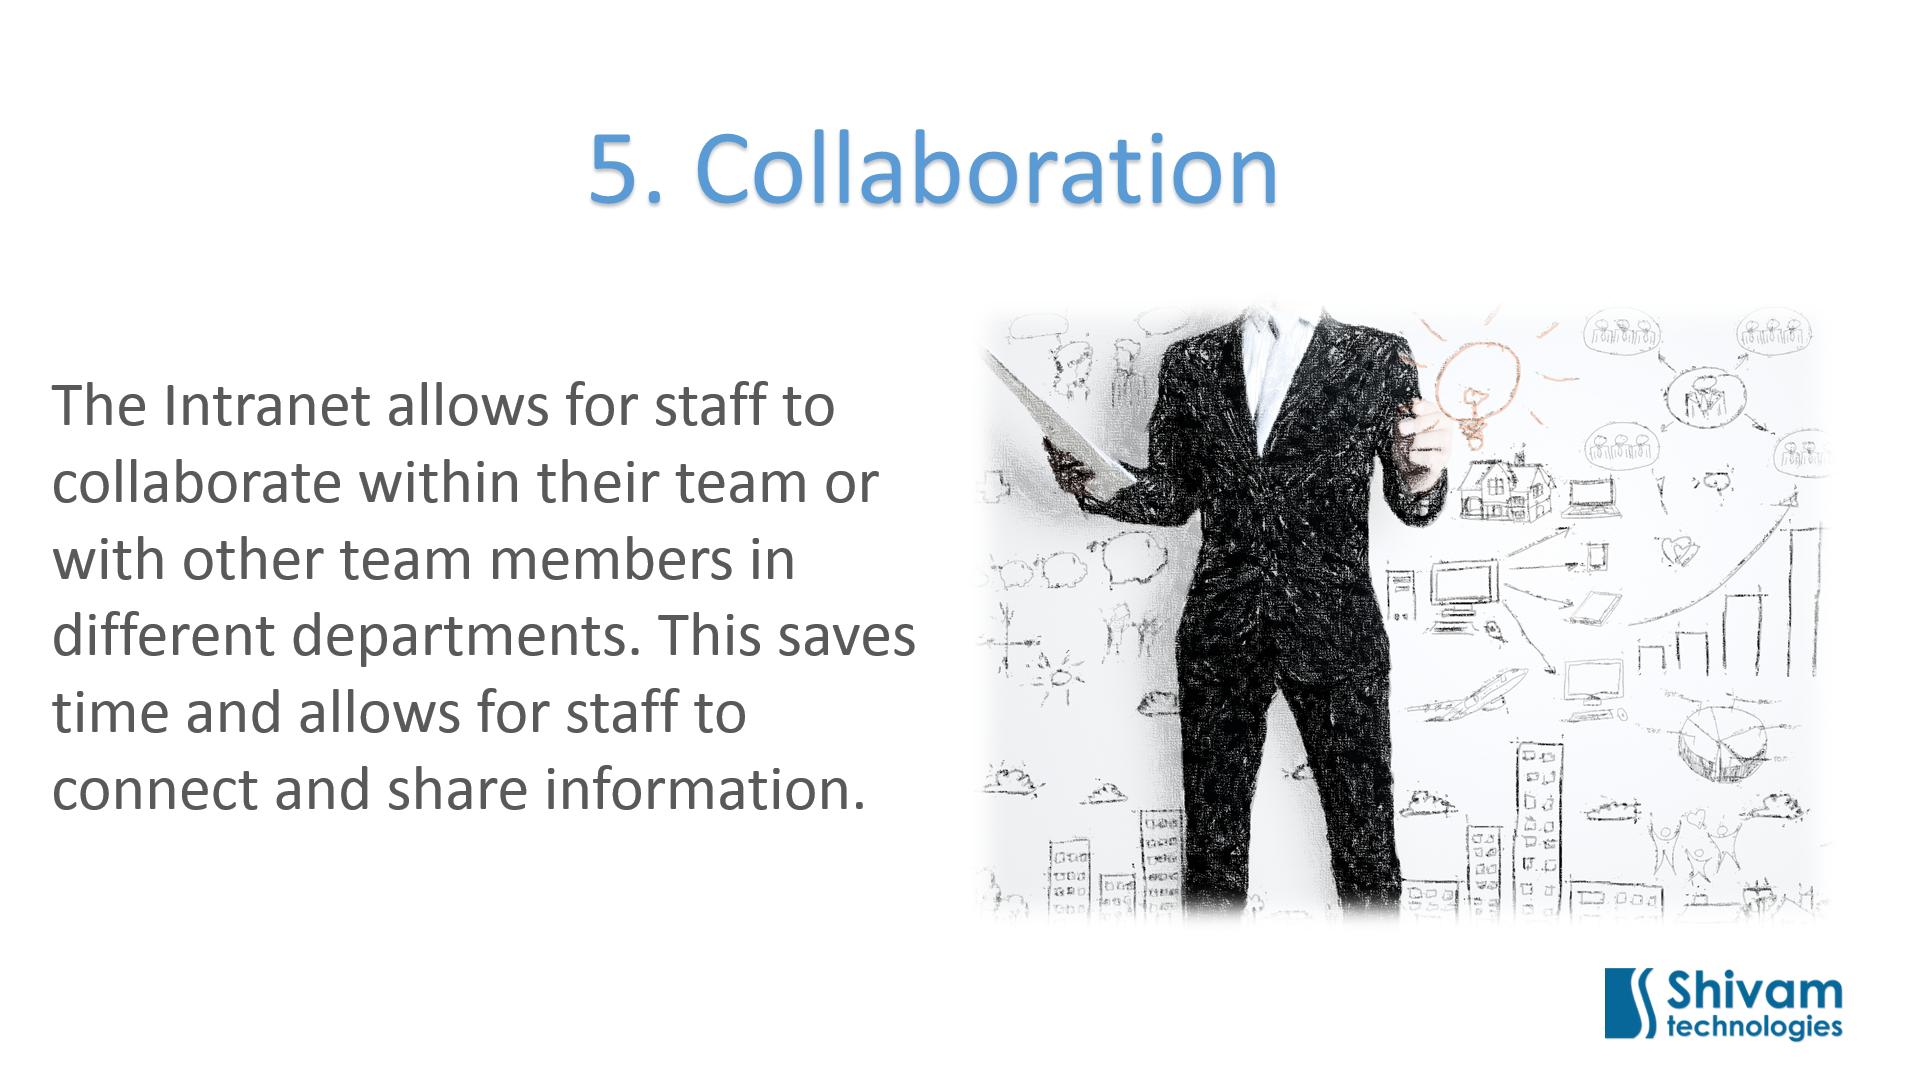 5. Collaboration